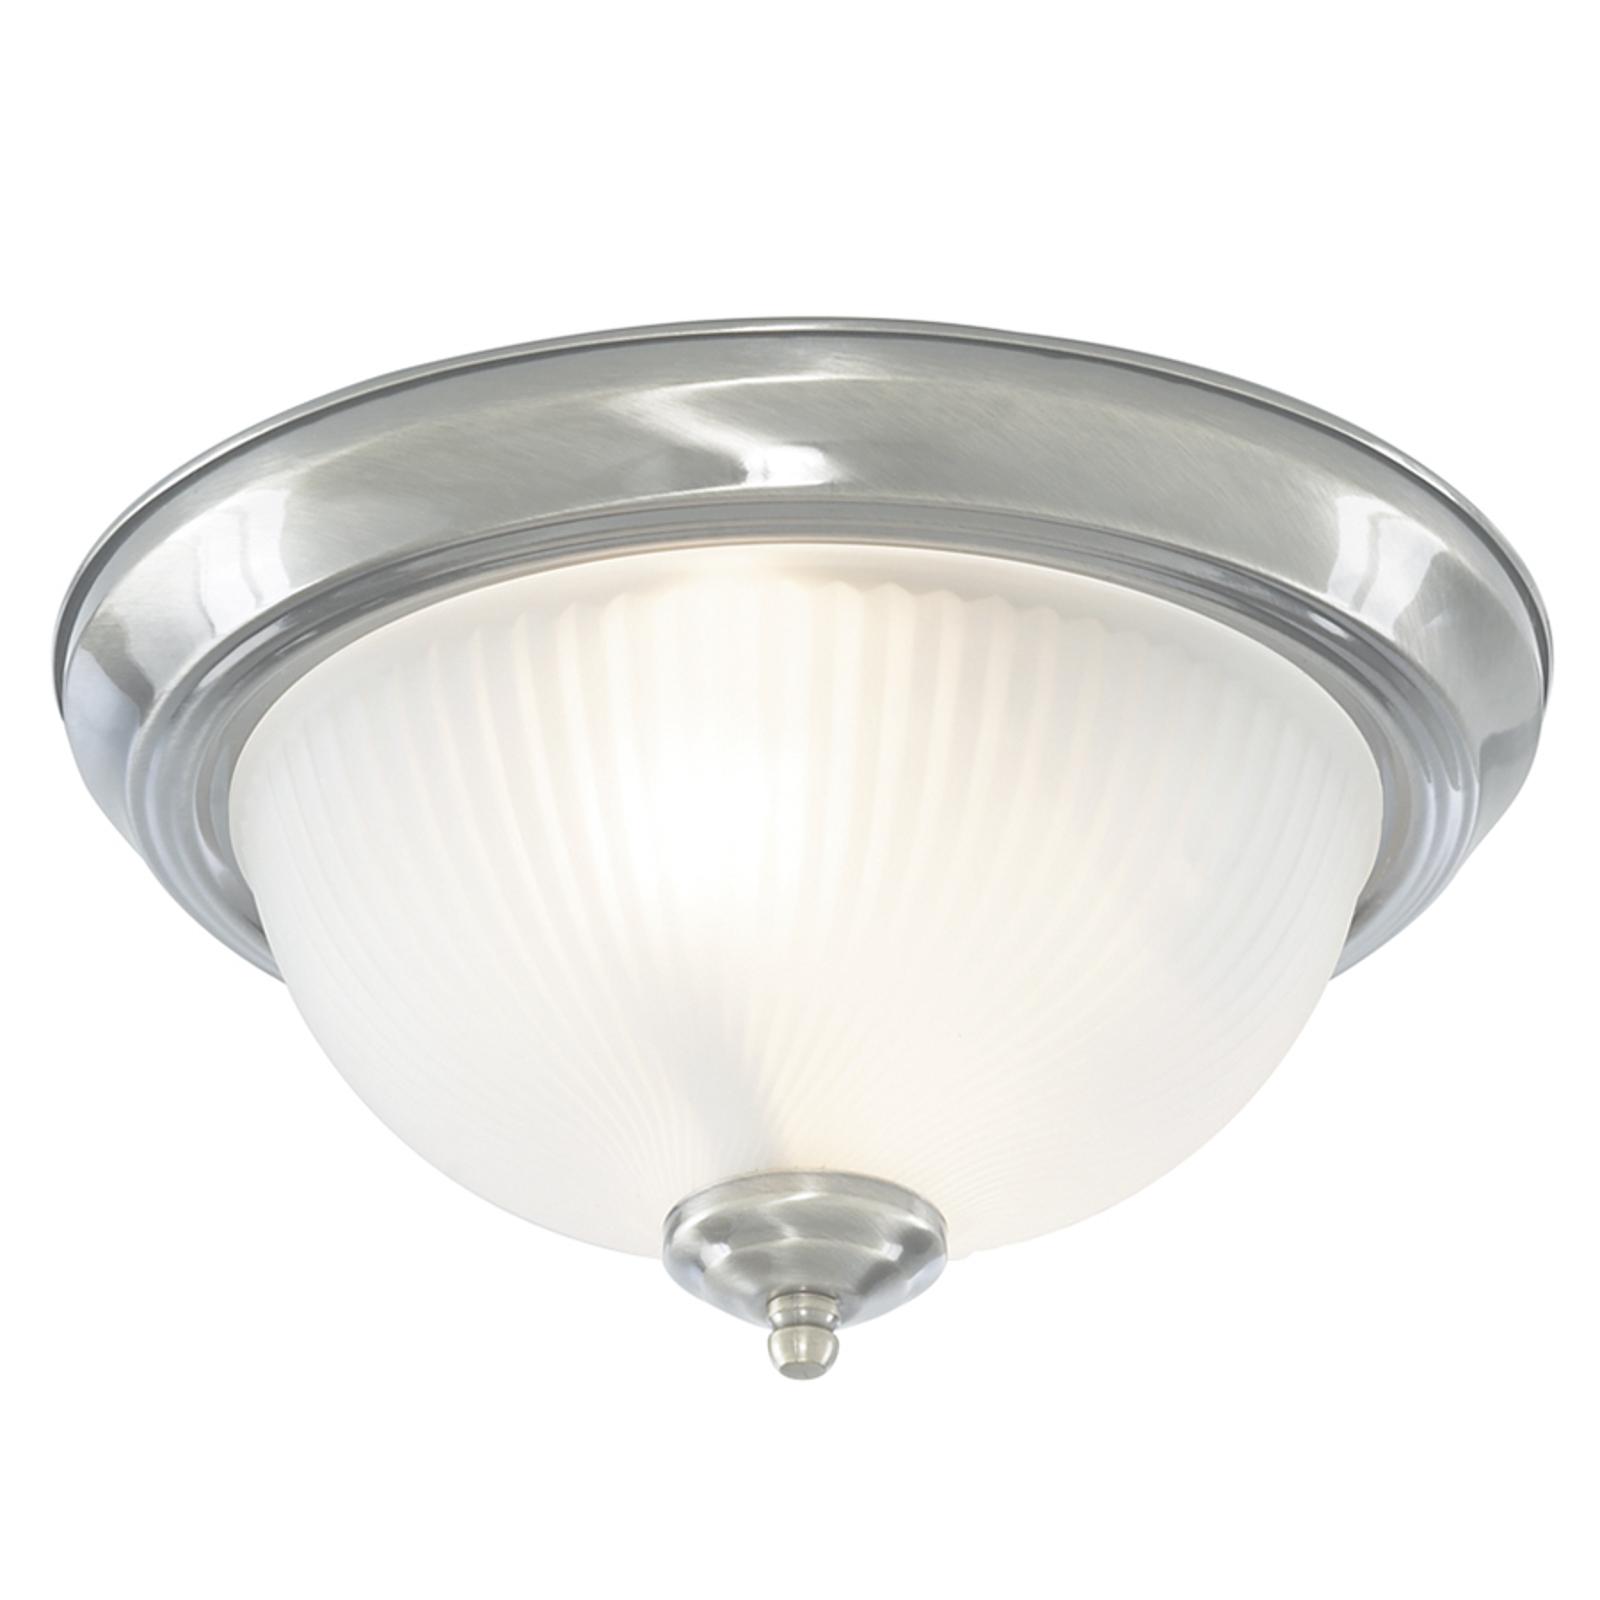 Ryflowana lampa sufitowa American Diner